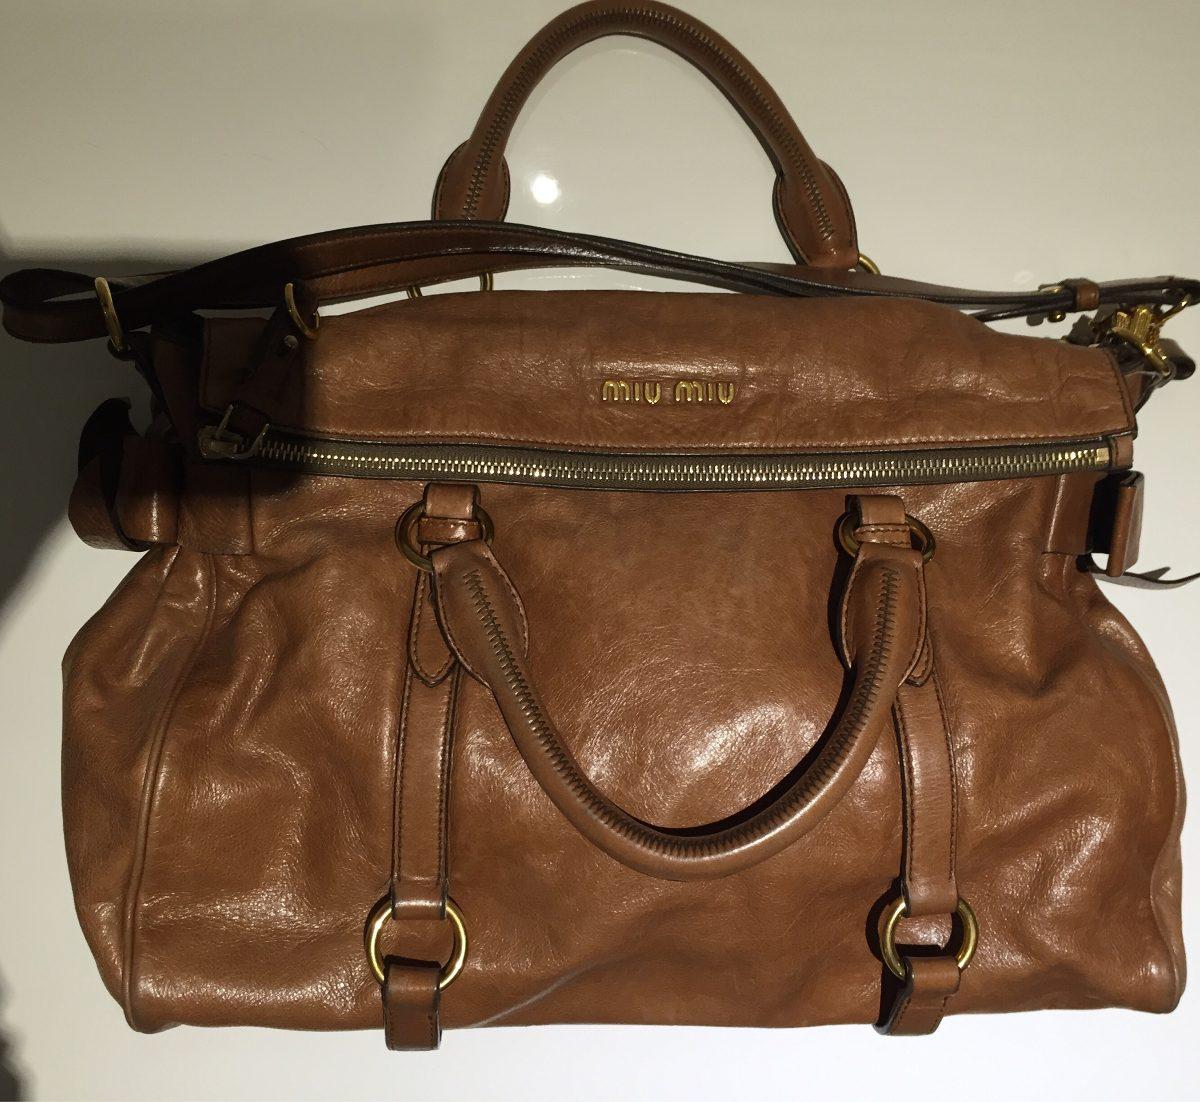 4360d8fd4e3f5 Bolsa Miumiu Couro Marrom Original - R  3.200,00 em Mercado Livre